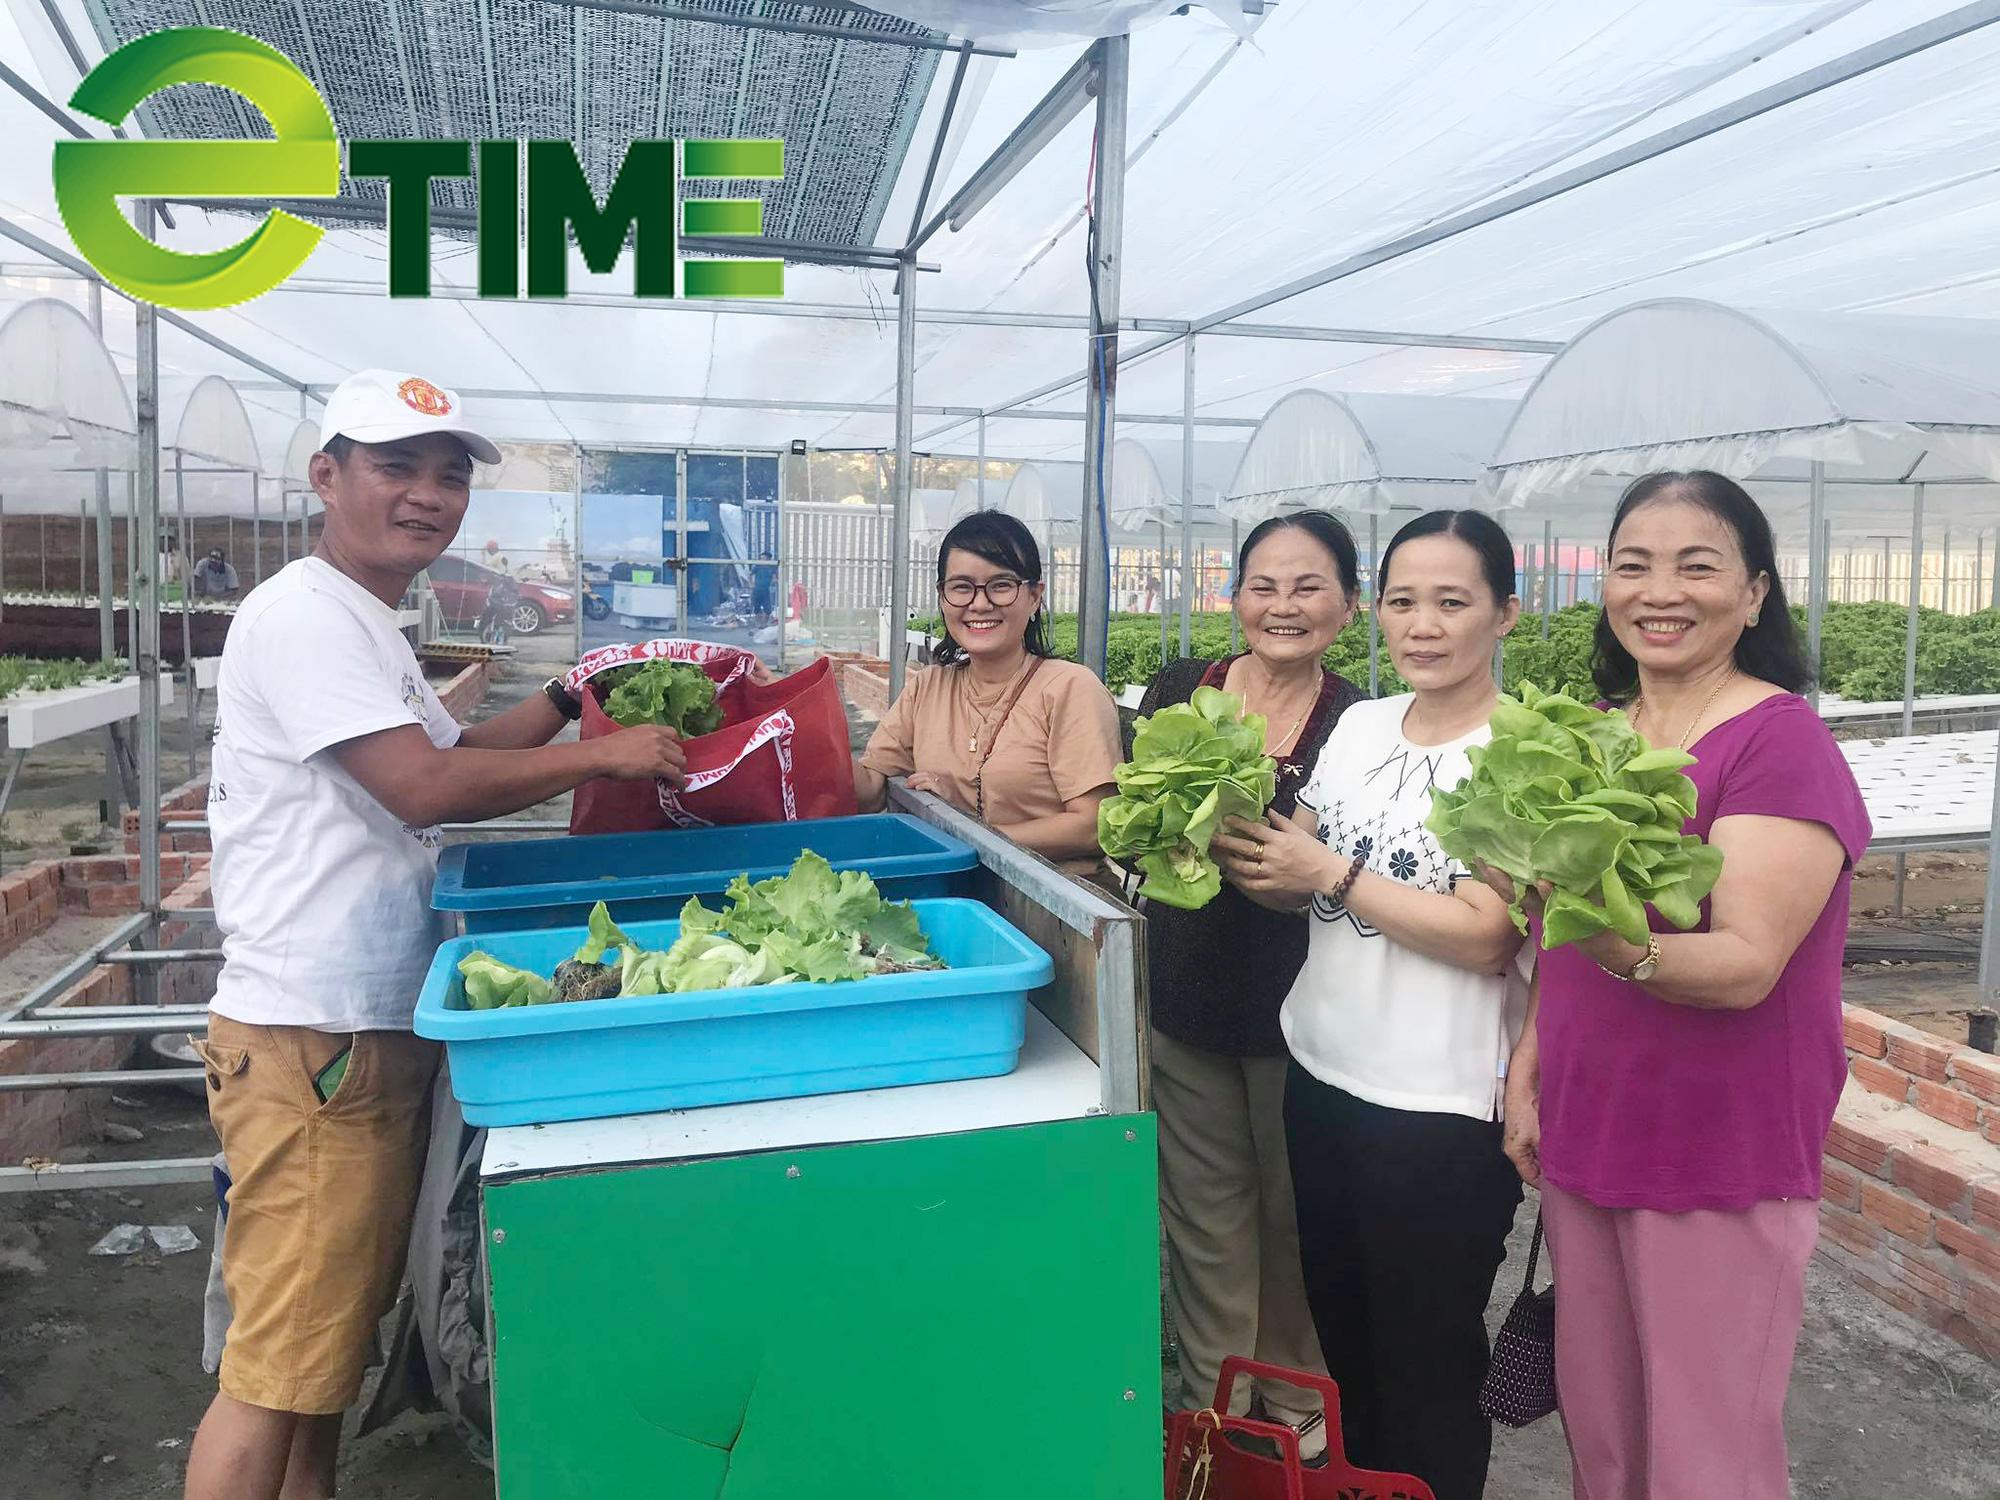 Đà Nẵng: 7X thuê đất để khởi nghiệp từ rau thủy canh, thu 2 triệu đồng/ngày - Ảnh 1.